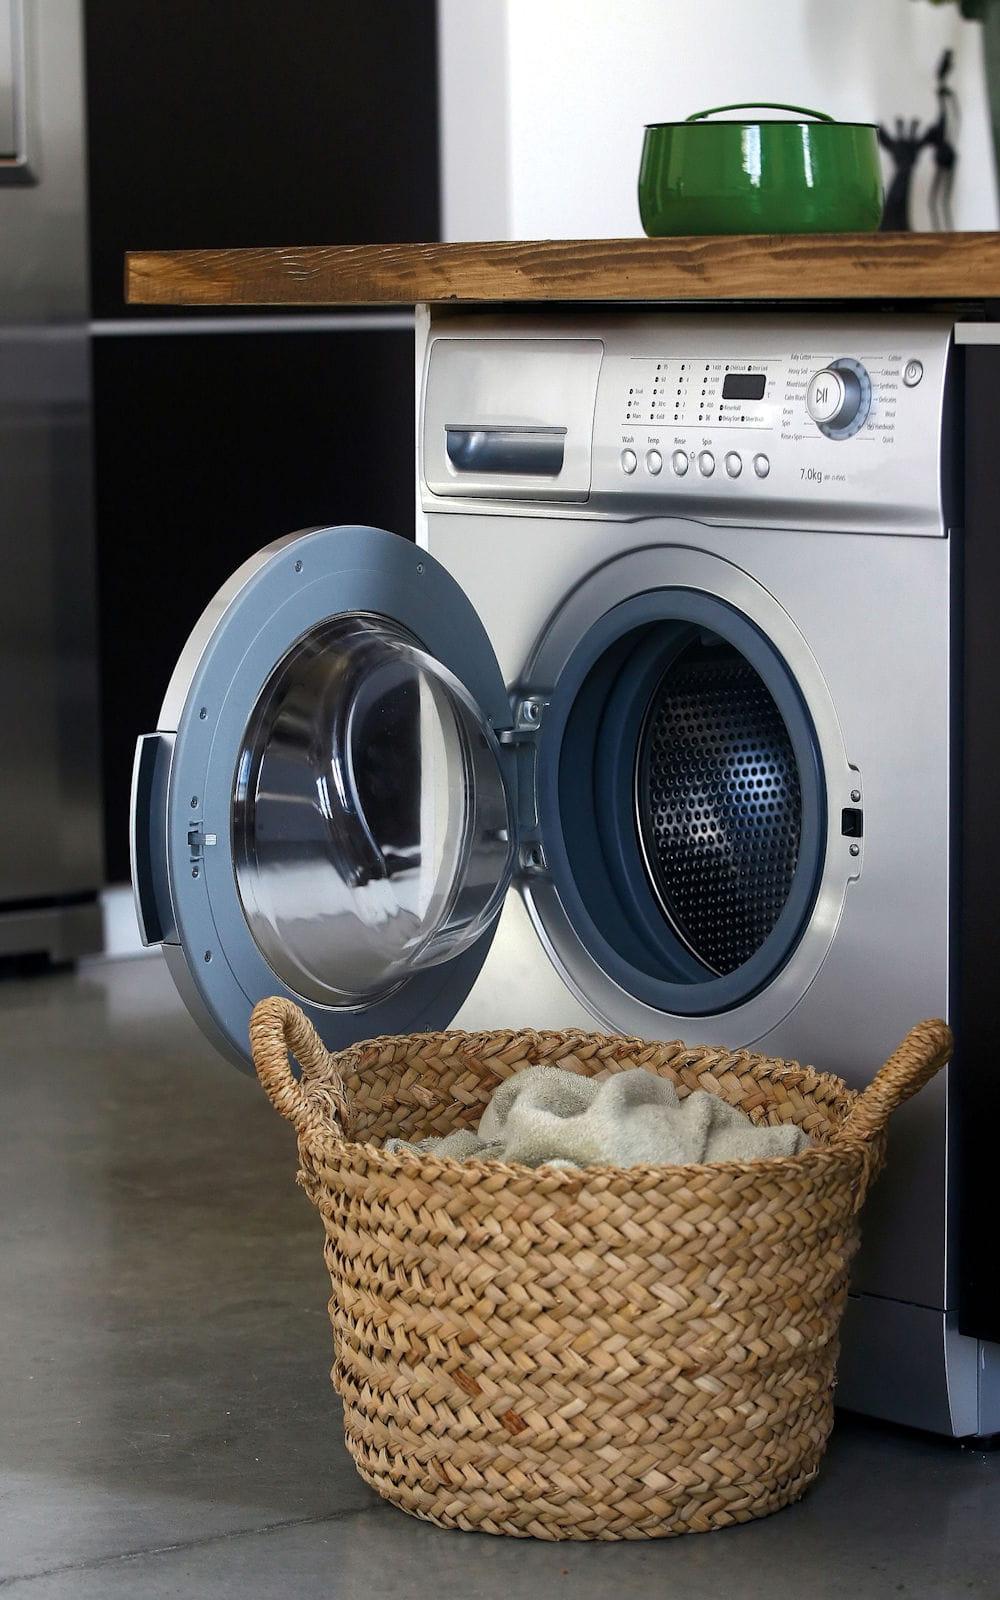 Vinaigre Blanc Dans La Machine A Laver entretenir le lave-linge